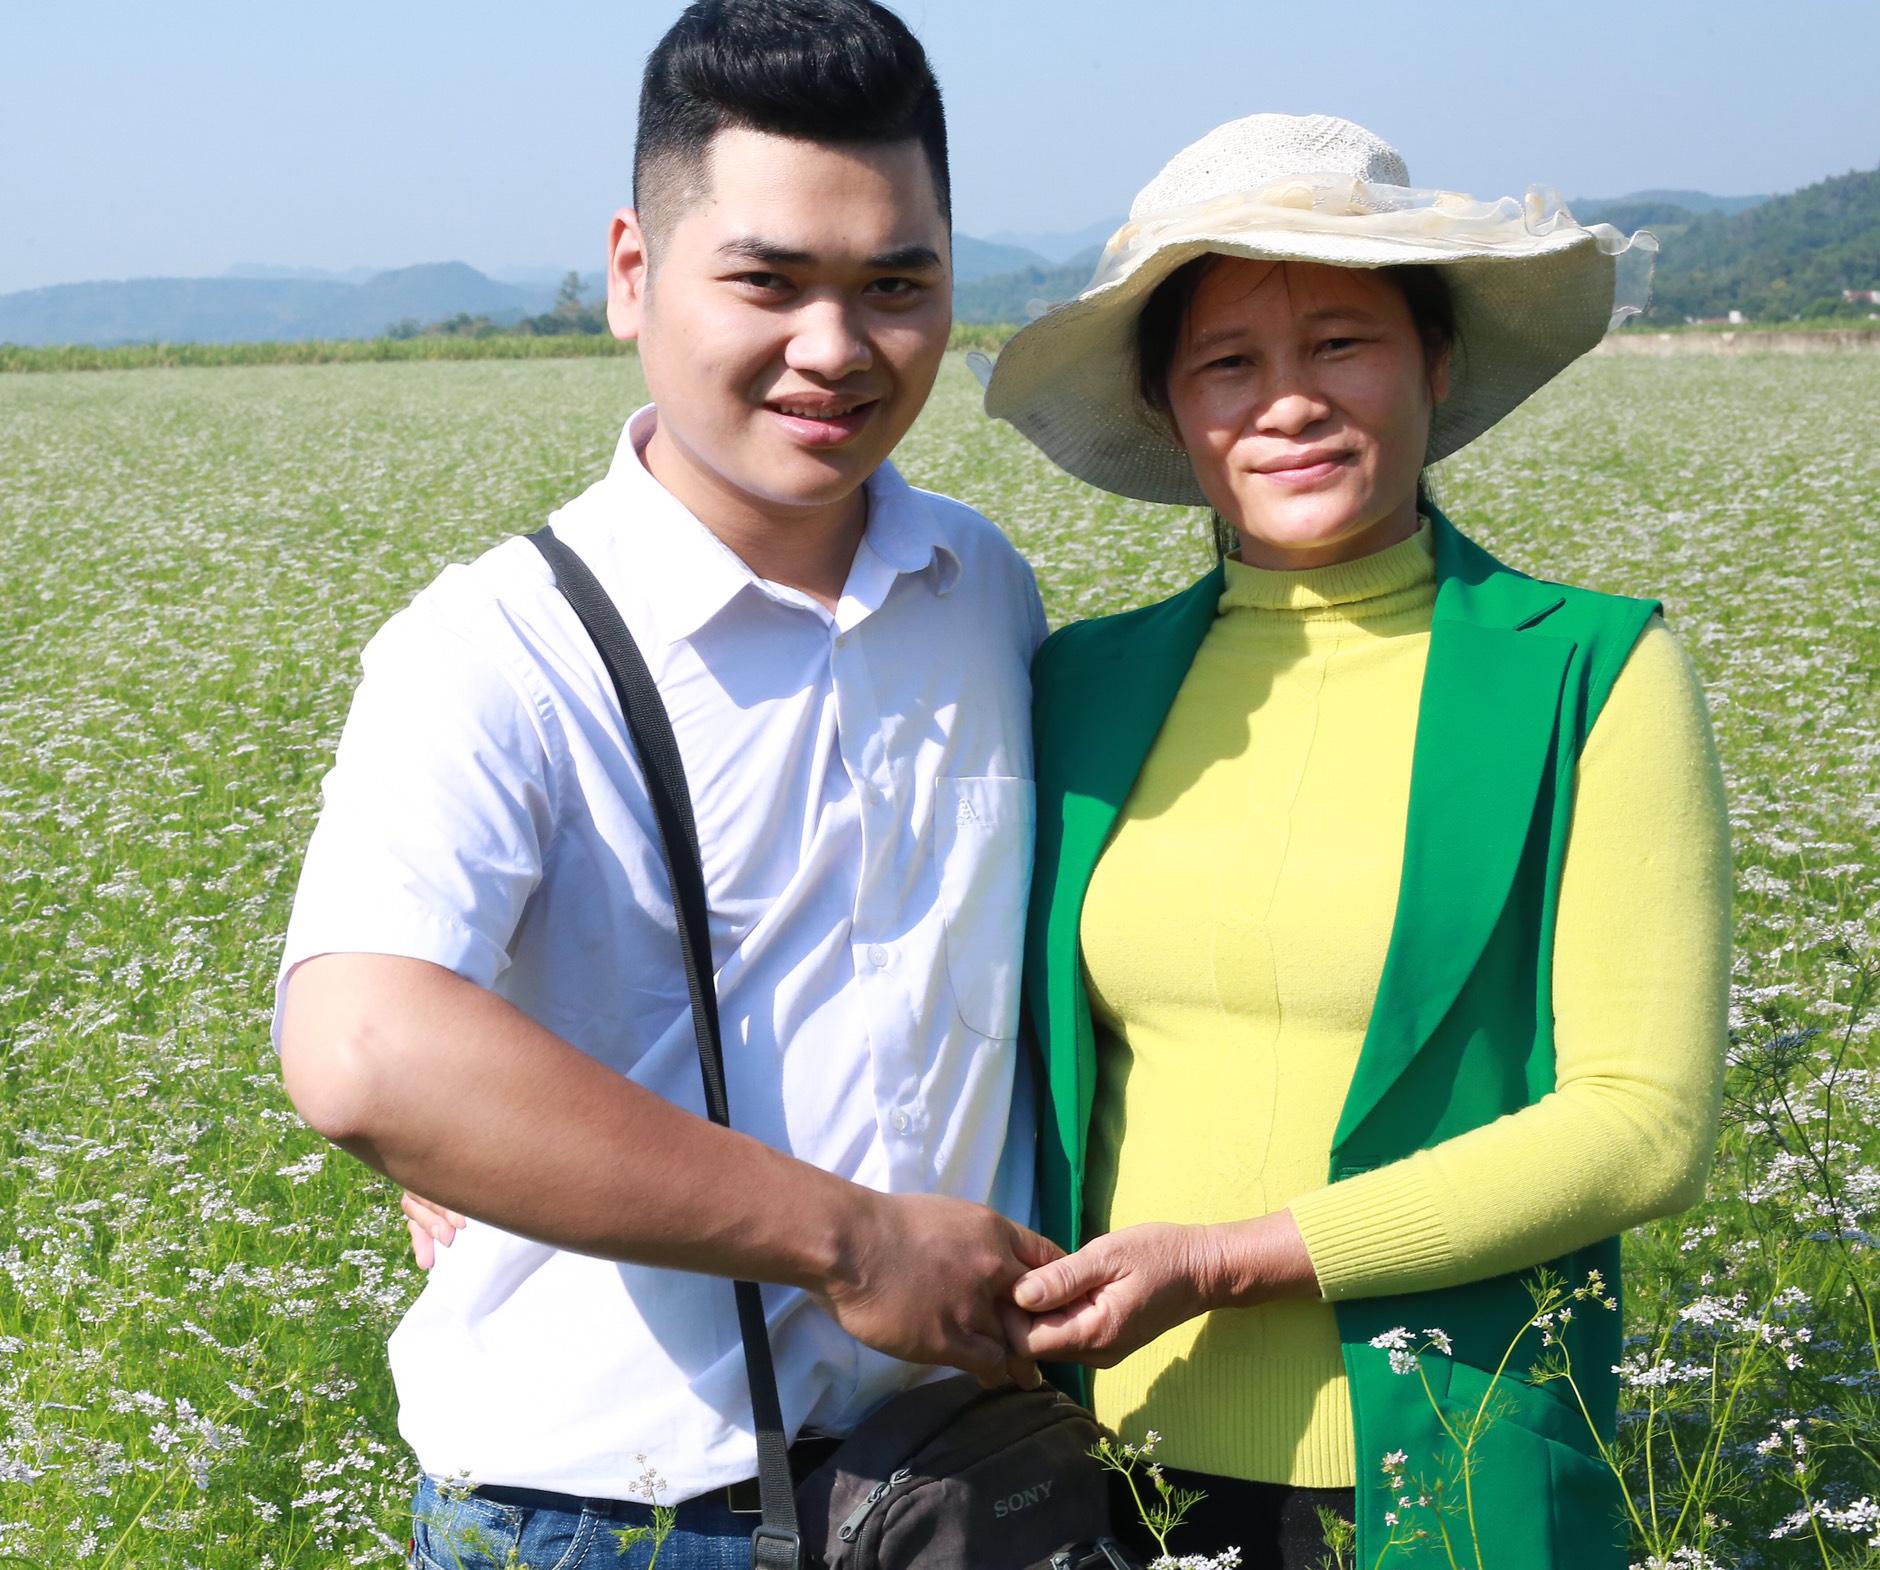 Quyết tâm thoát nghèo từ nông nghiệp, chàng sinh viên Bách khoa 7 lần khởi nghiệp thất bại nhận được cái kết có hậu  - Ảnh 6.